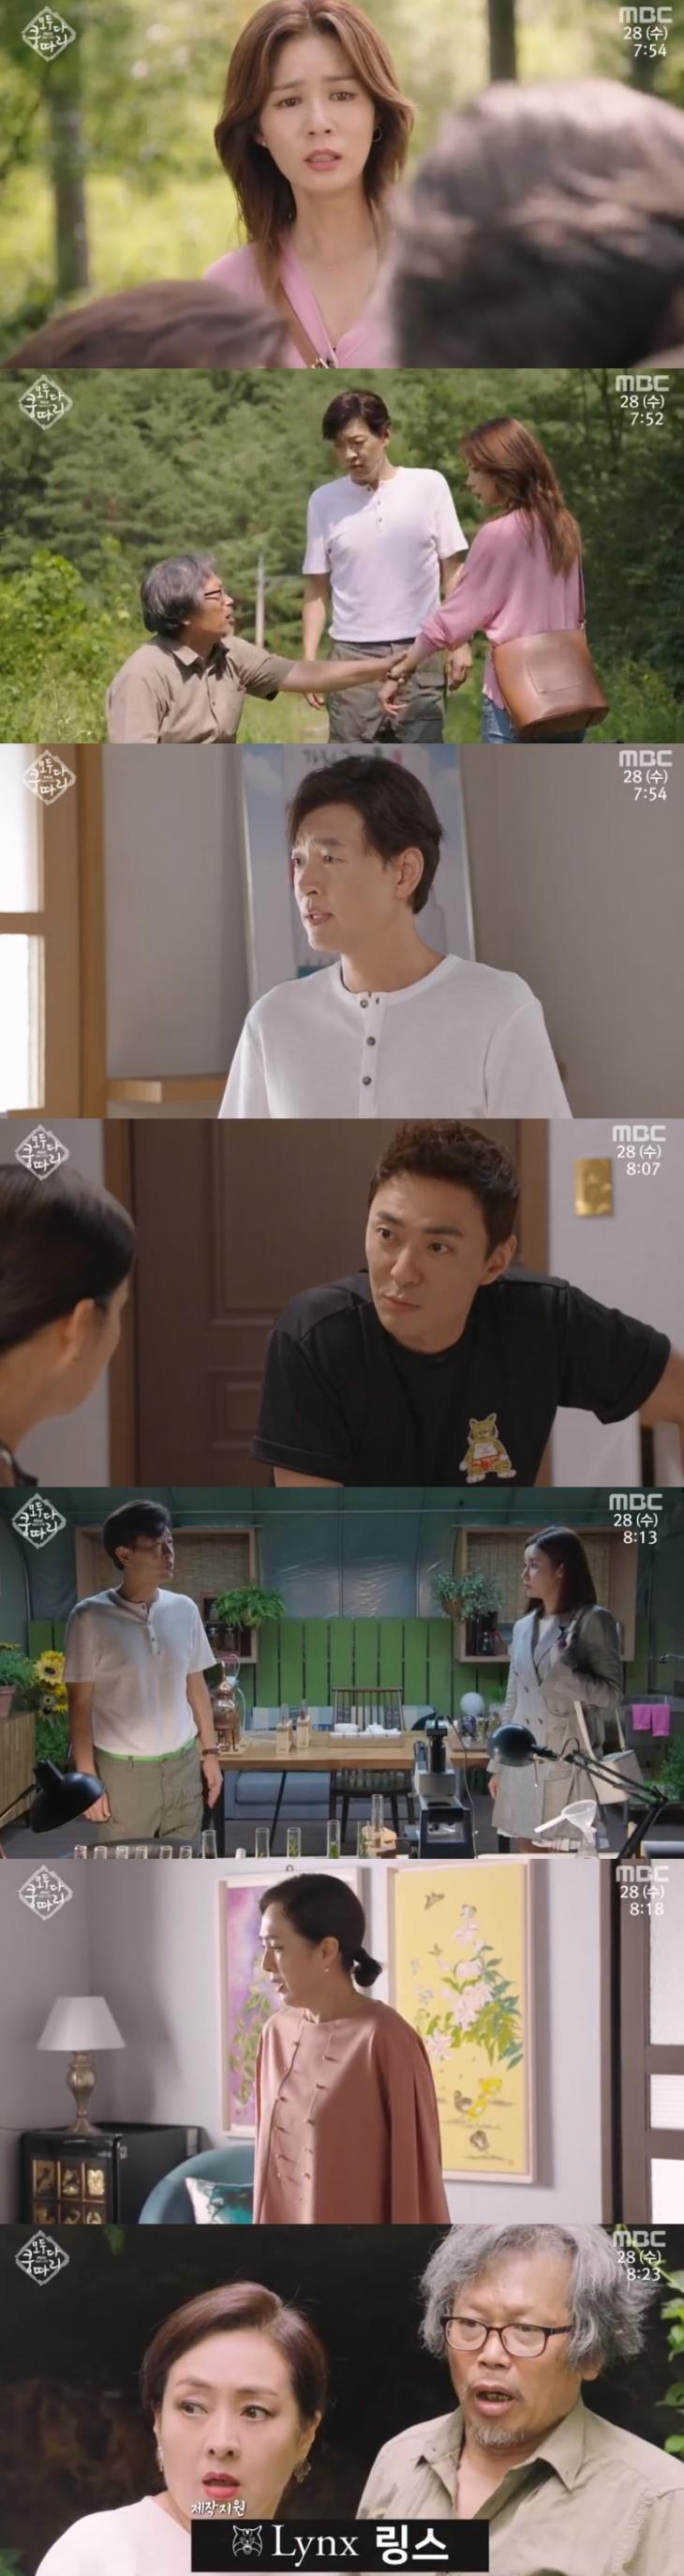 이보희 박시은 김호진 서혜진 강석정 / MBC '모두 다 쿵따리' 캡처